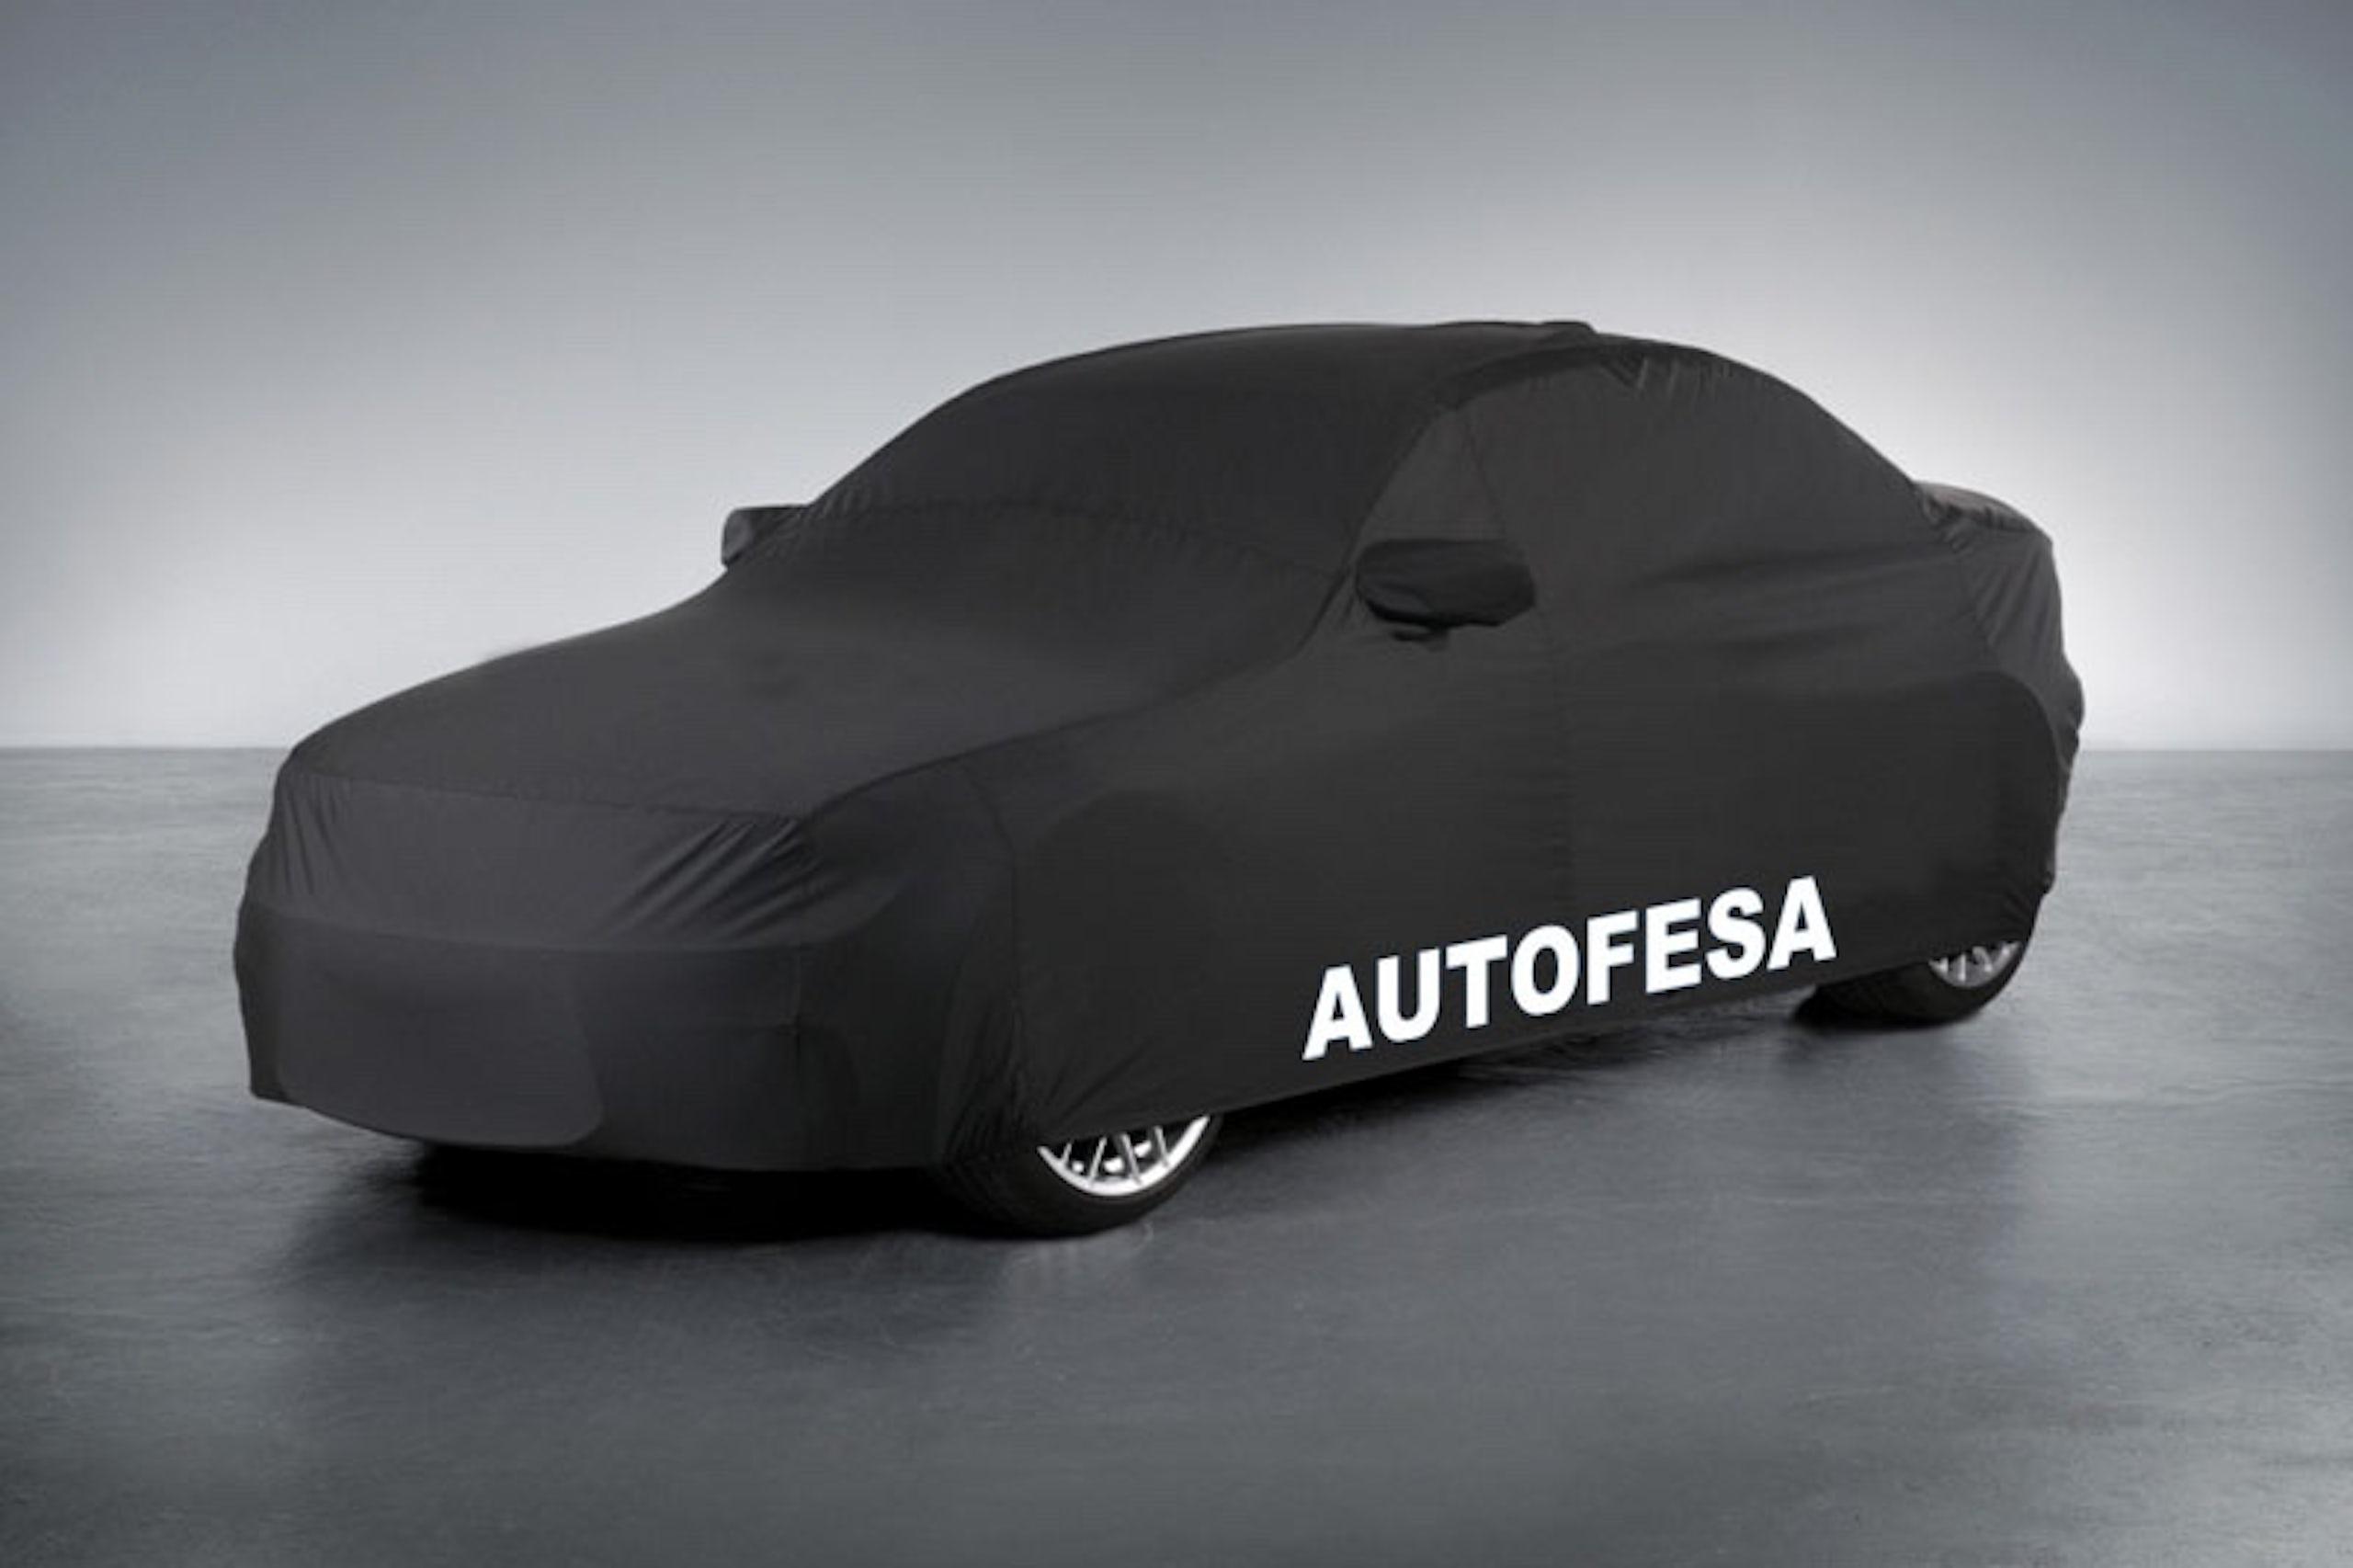 Audi A4 Avant 2.0 TDI 190cv quattro 5p S tronic Auto S/S - Foto 2